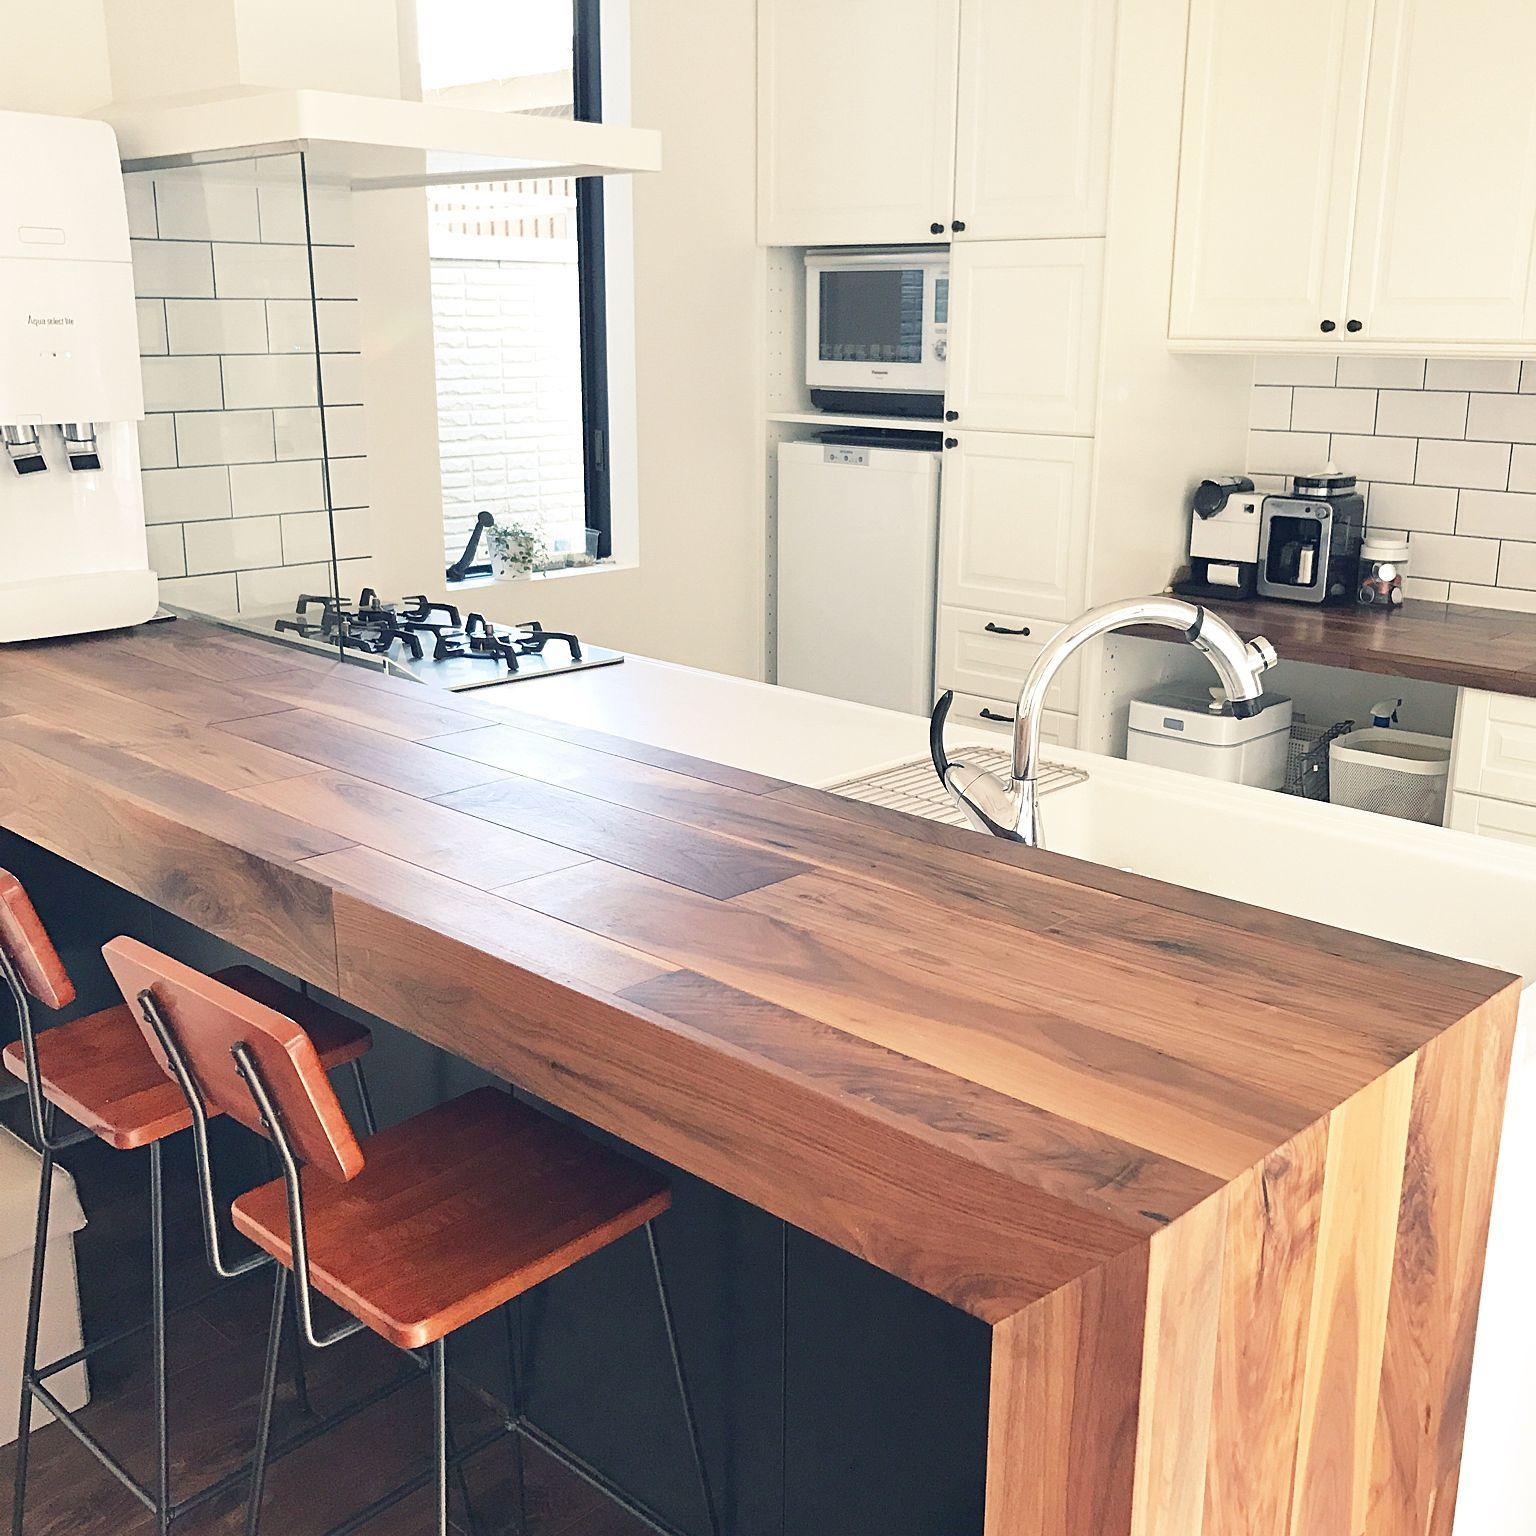 カウンターテーブル キッチン Ikeaキッチン サブウェイタイル キッチン